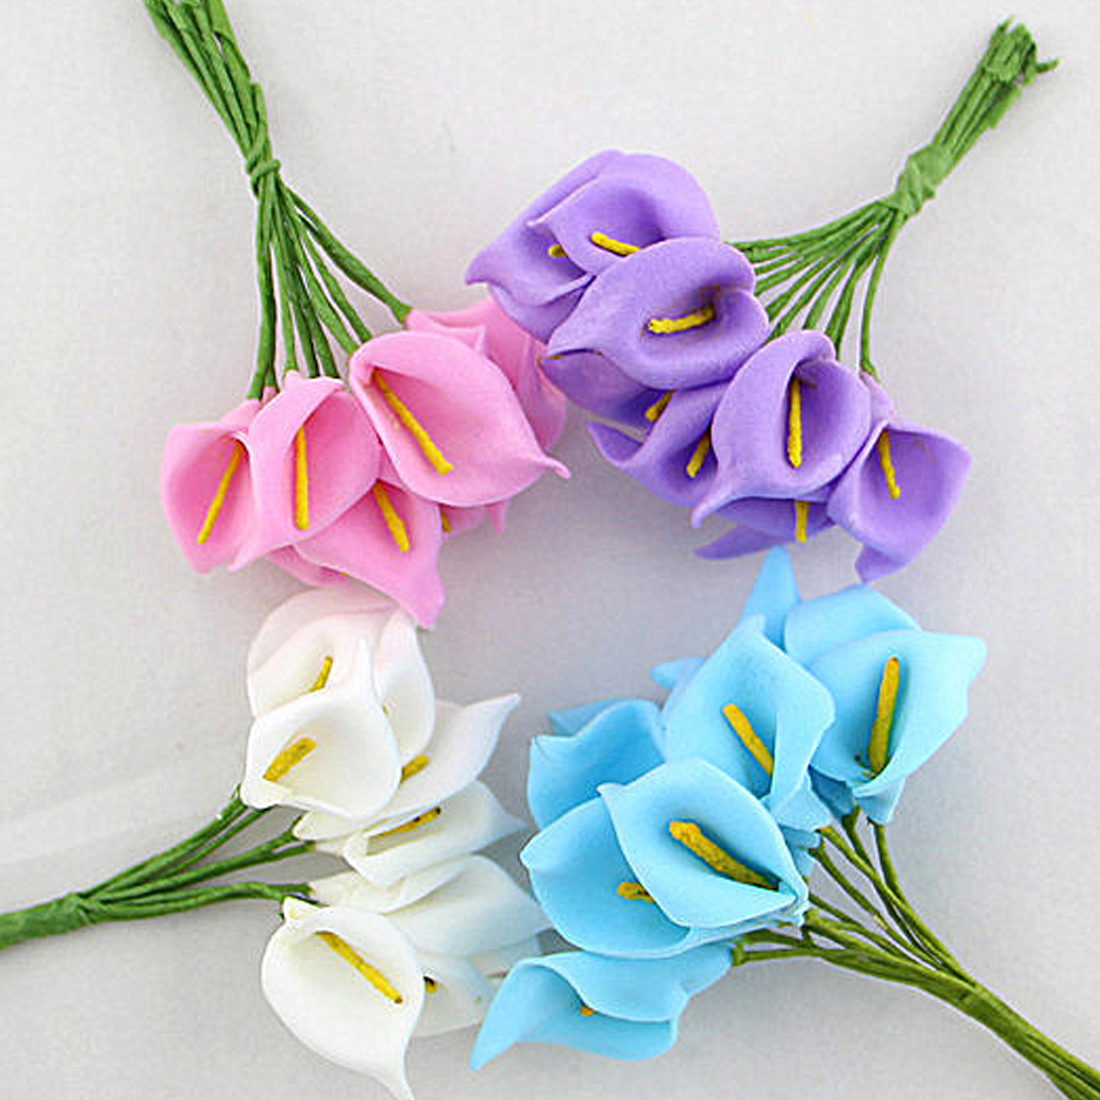 Мини пена Калла ручной искусственный цветок свадебное оформление букета DIY ВЕНОК Подарочная коробка Скрапбукинг Ремесло поддельные цветок 12 шт.